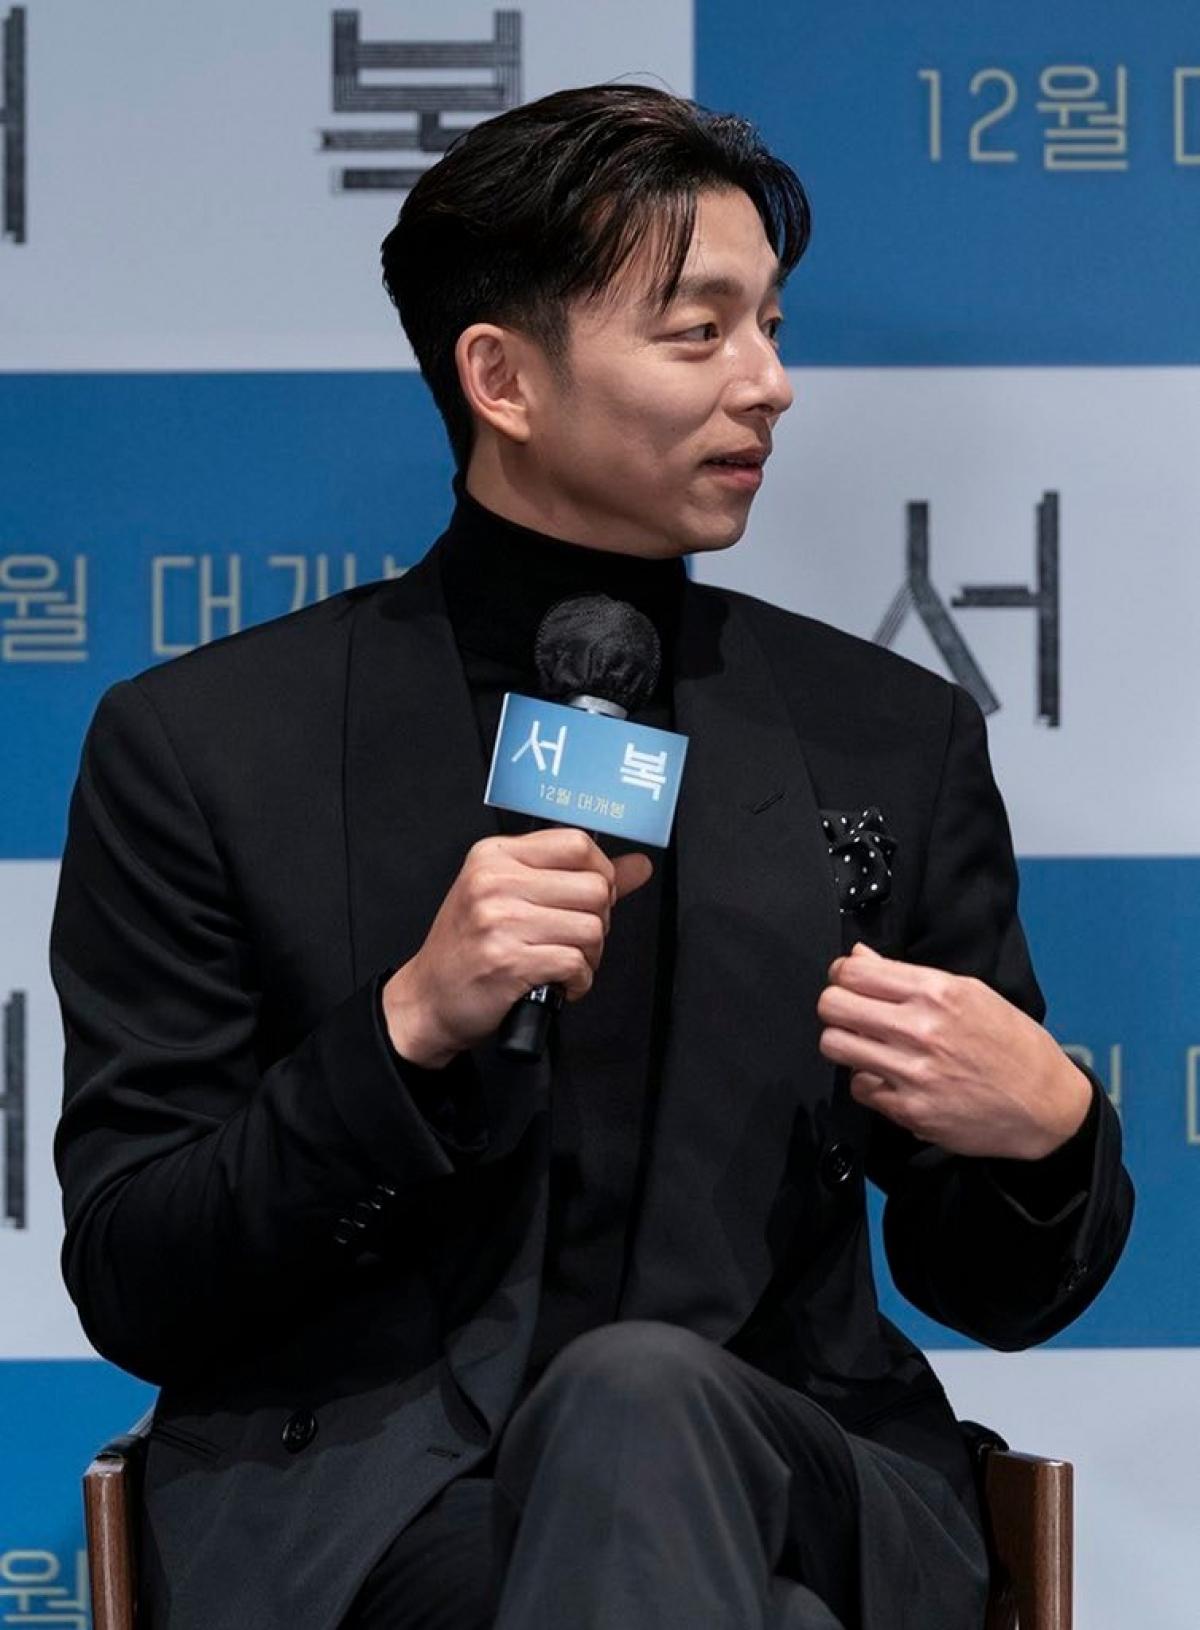 """Vai diễn cựu đặc vụ này đánh dấu sự trở lại của """"Yêu tinh"""" Gong Yoo sau thành công của phim truyền hình """"Goblin"""" và phim điện ảnh """"Kim Ji Young 1982""""."""